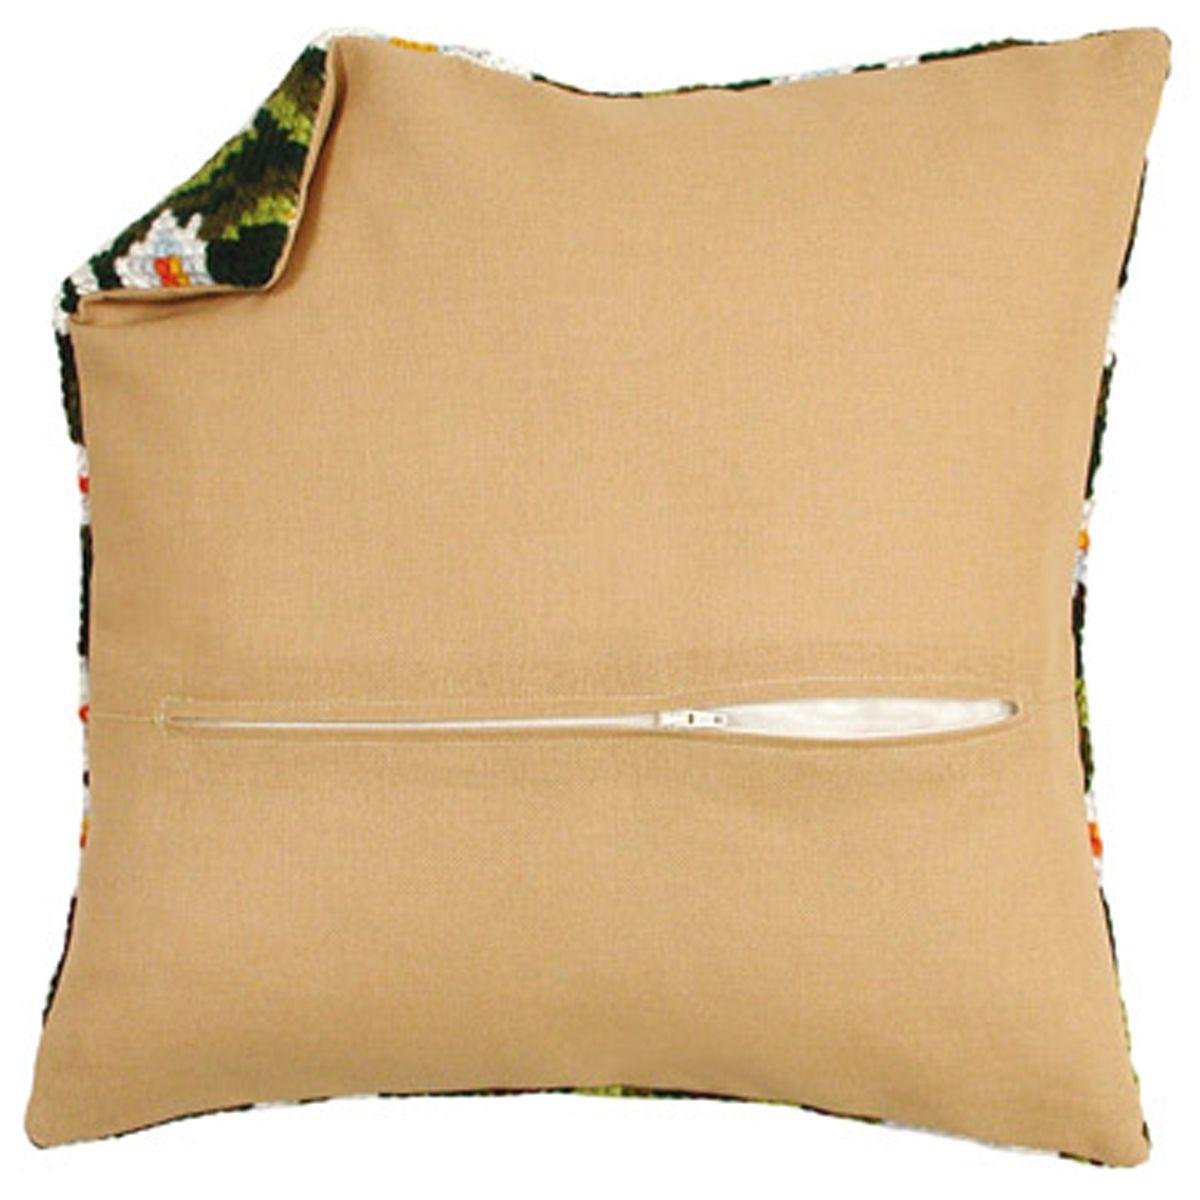 Обратная сторона подушки Vervaco, цвет: бежевый, 45 х 45 см8999-11Обратная сторона подушки Vervaco выполнена из 100% хлопка. Изделие идеально подойдет для подушек размером 40 х 40 см. В центре вшит замок-молния, вам останется только пришить ее к декоративной части подушки.